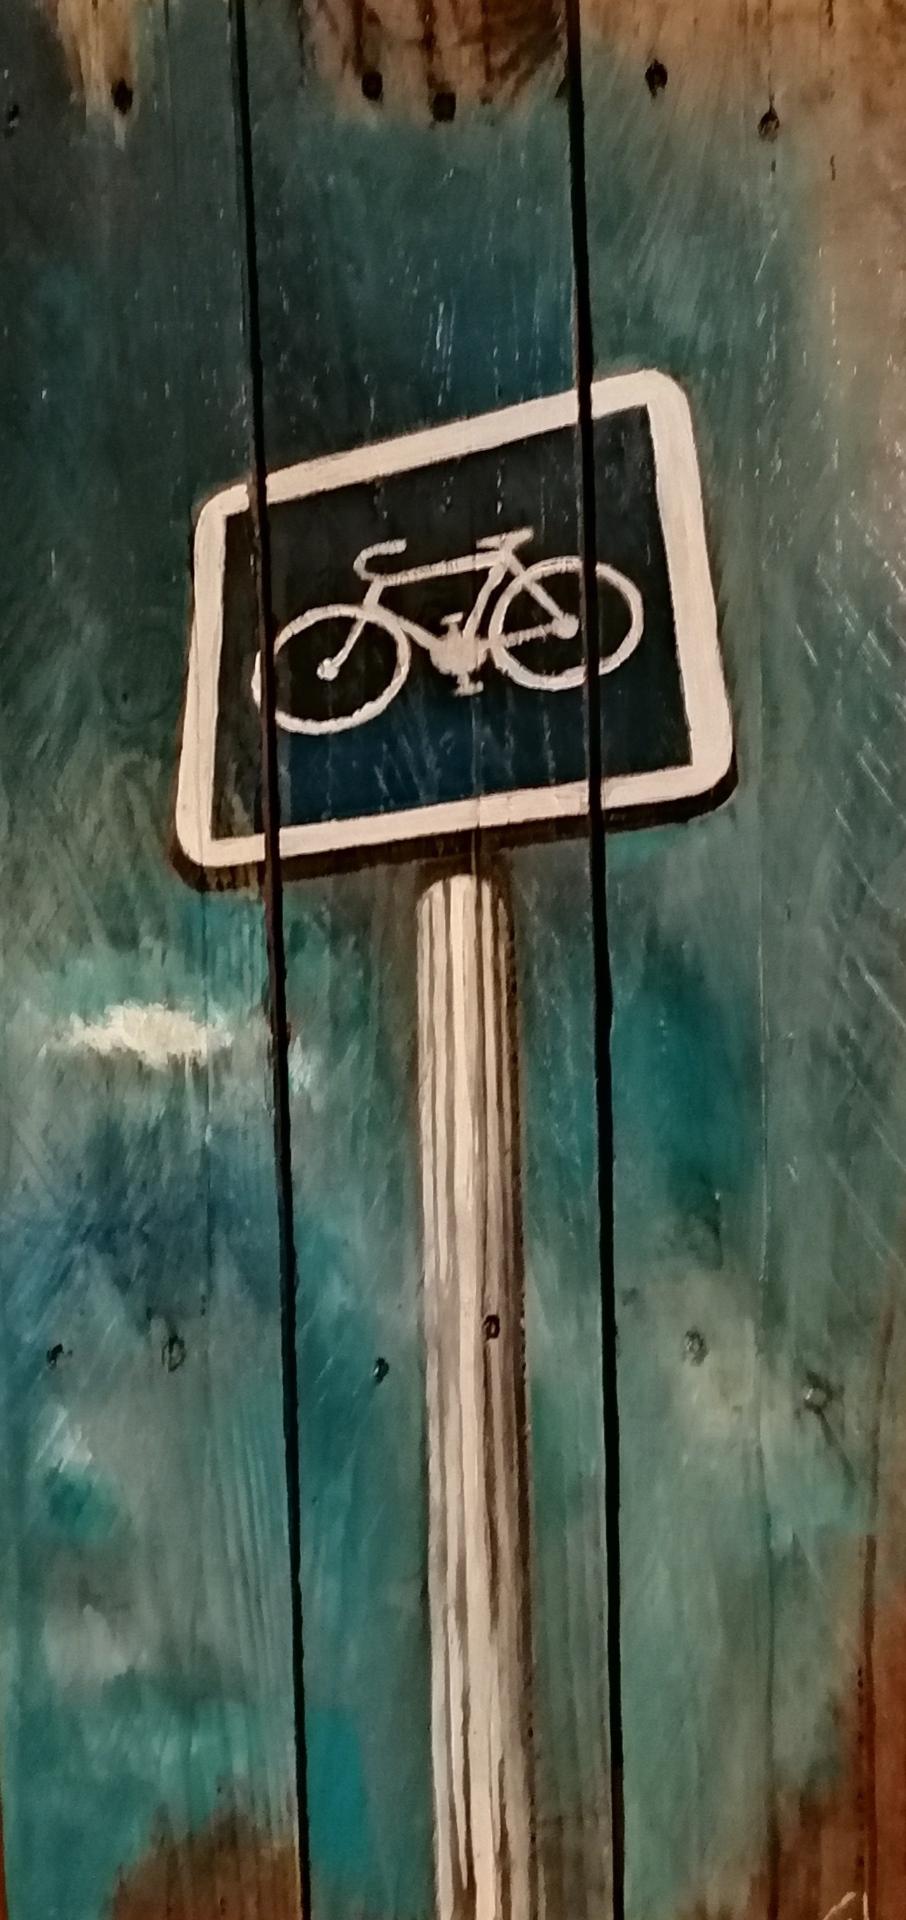 Panneau peint sur palettr- Gilles Lavie